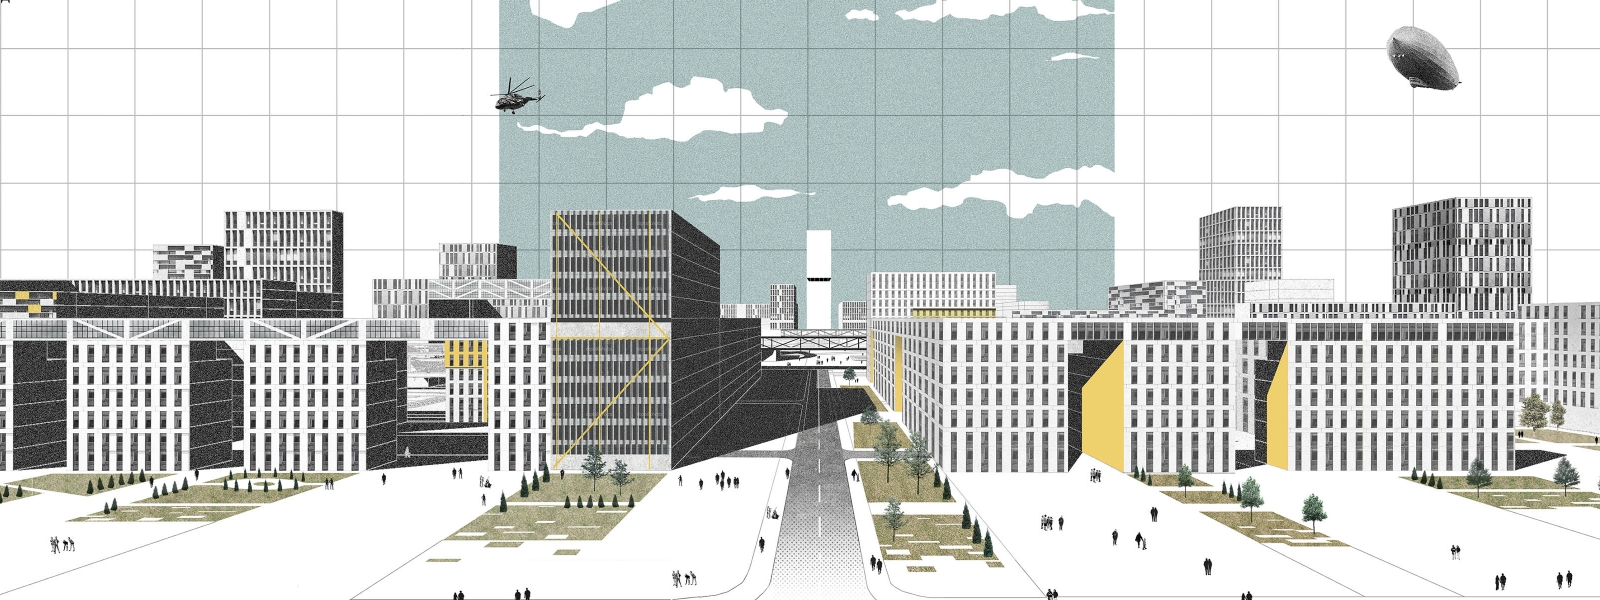 work-Проектное предложение по планировке микрорайона в Салехарде